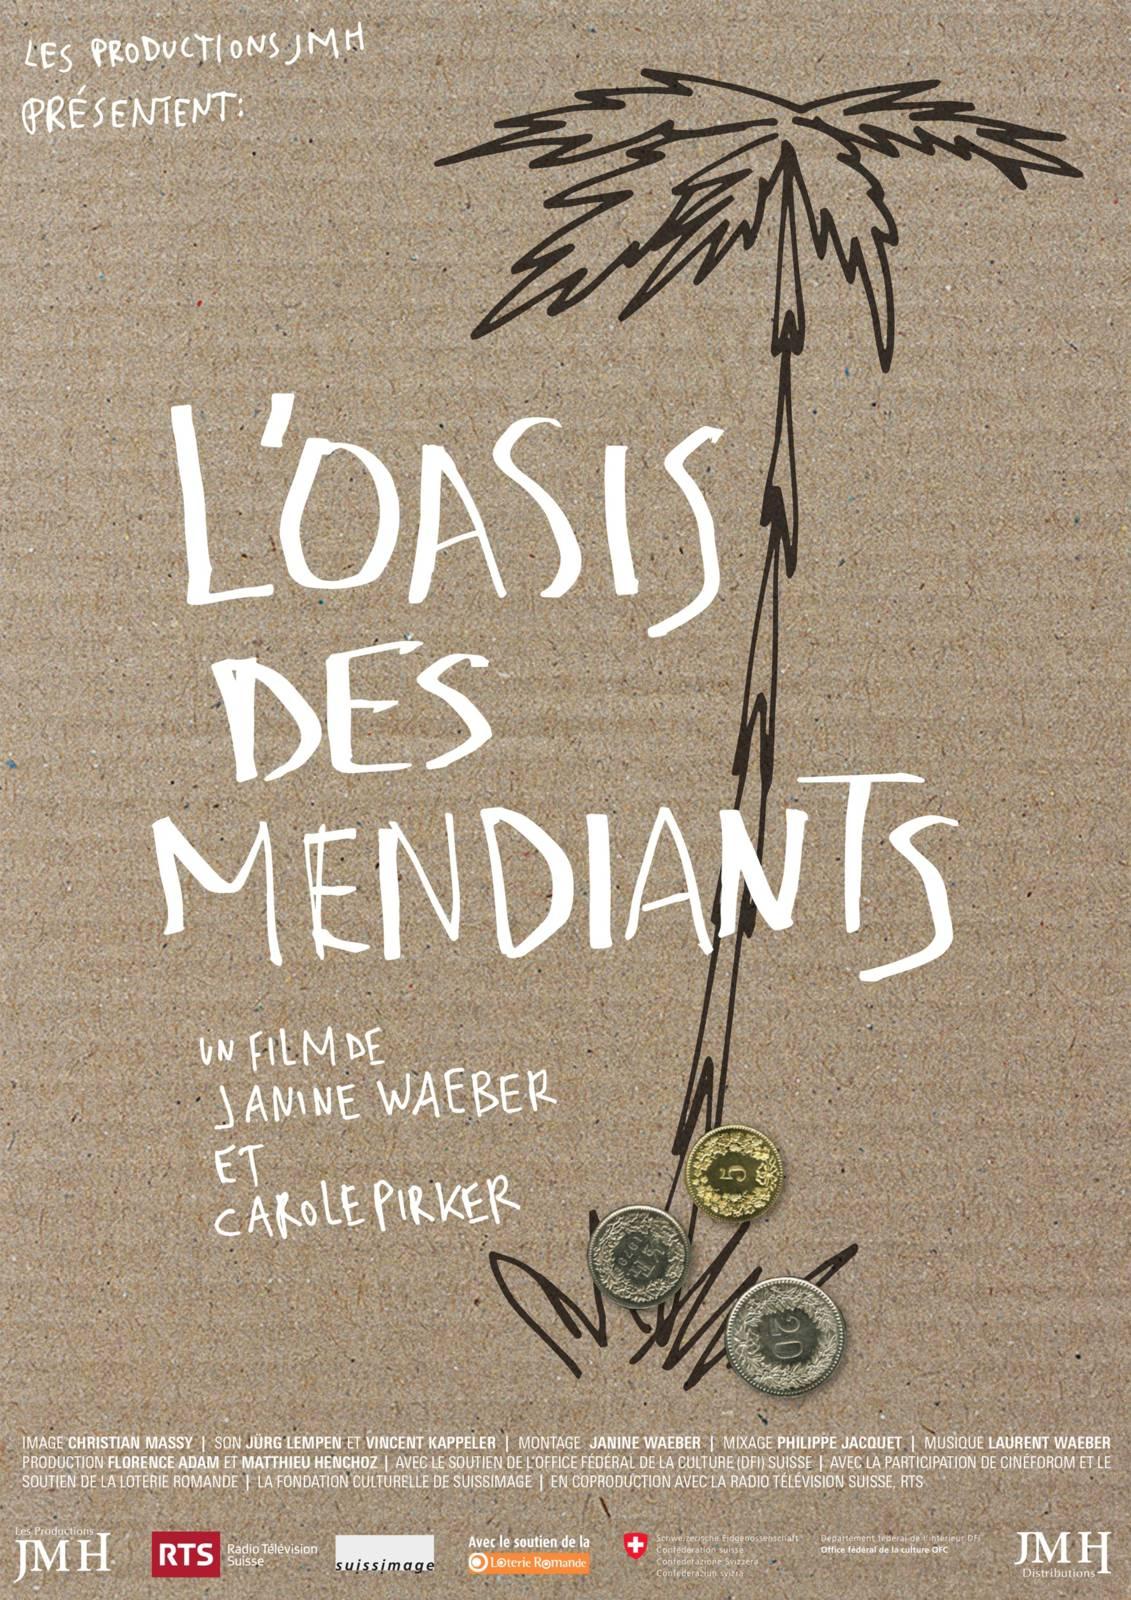 «L'Oasis des mendiants» un film de «Janine Waeber et Carole Pirker» (2015) Production : JMH Distributions  BANDE ANNONCE